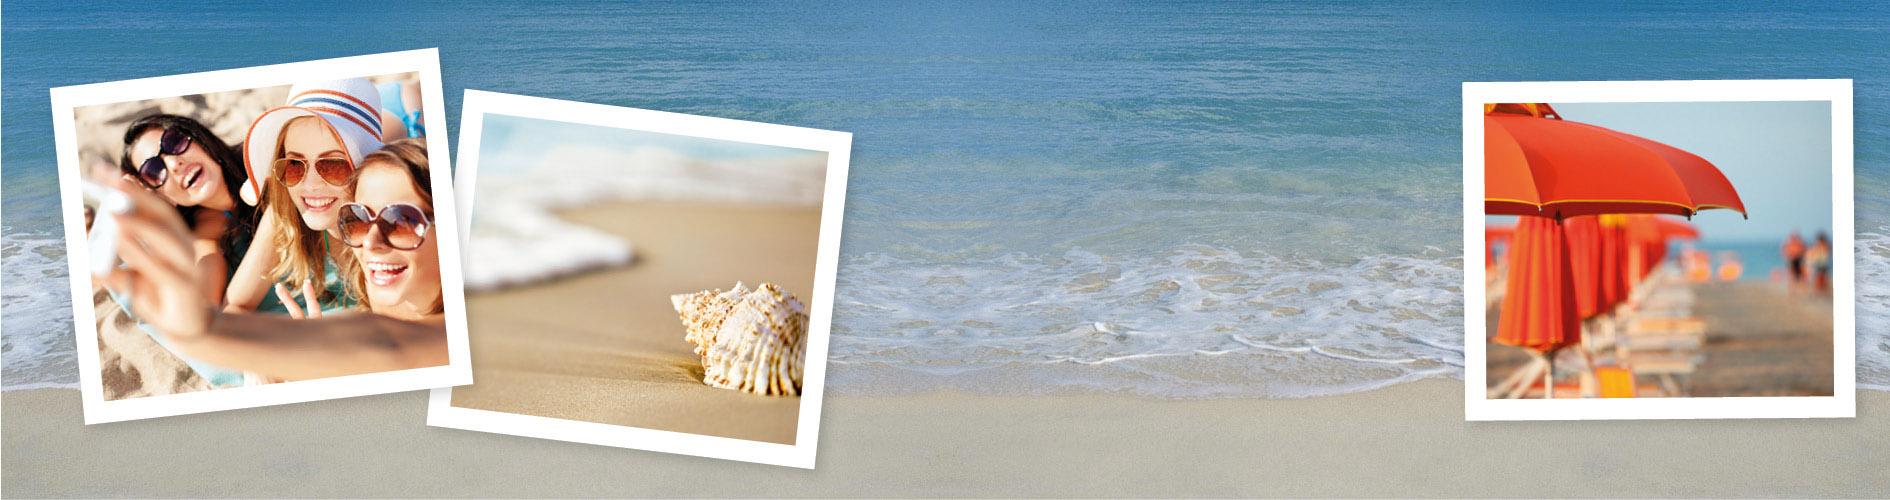 Spiaggia a scelta e buone cose da mangiare